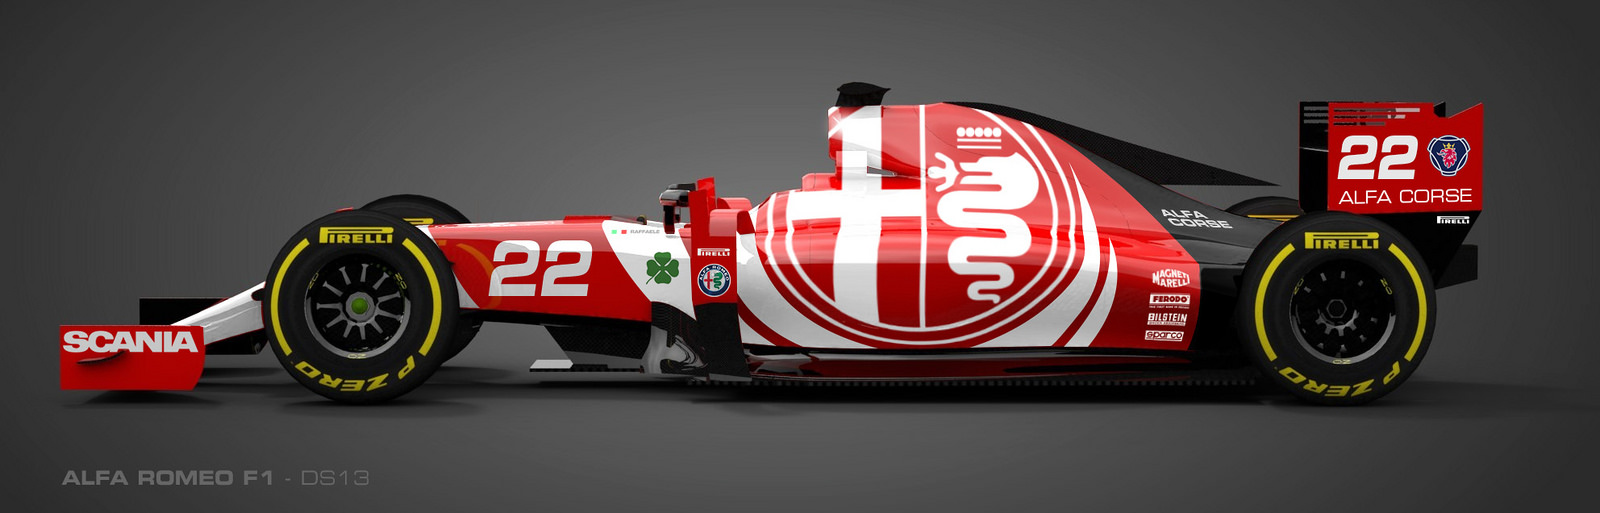 Il Rilancio è Completo: Alfa Romeo torna in F1!